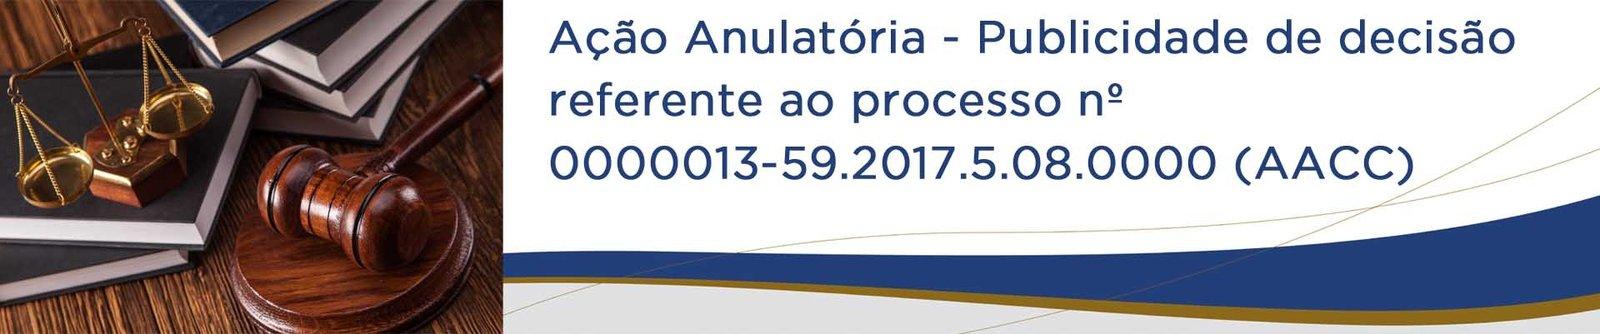 Ação Anulatória de Cláusulas Convencionais